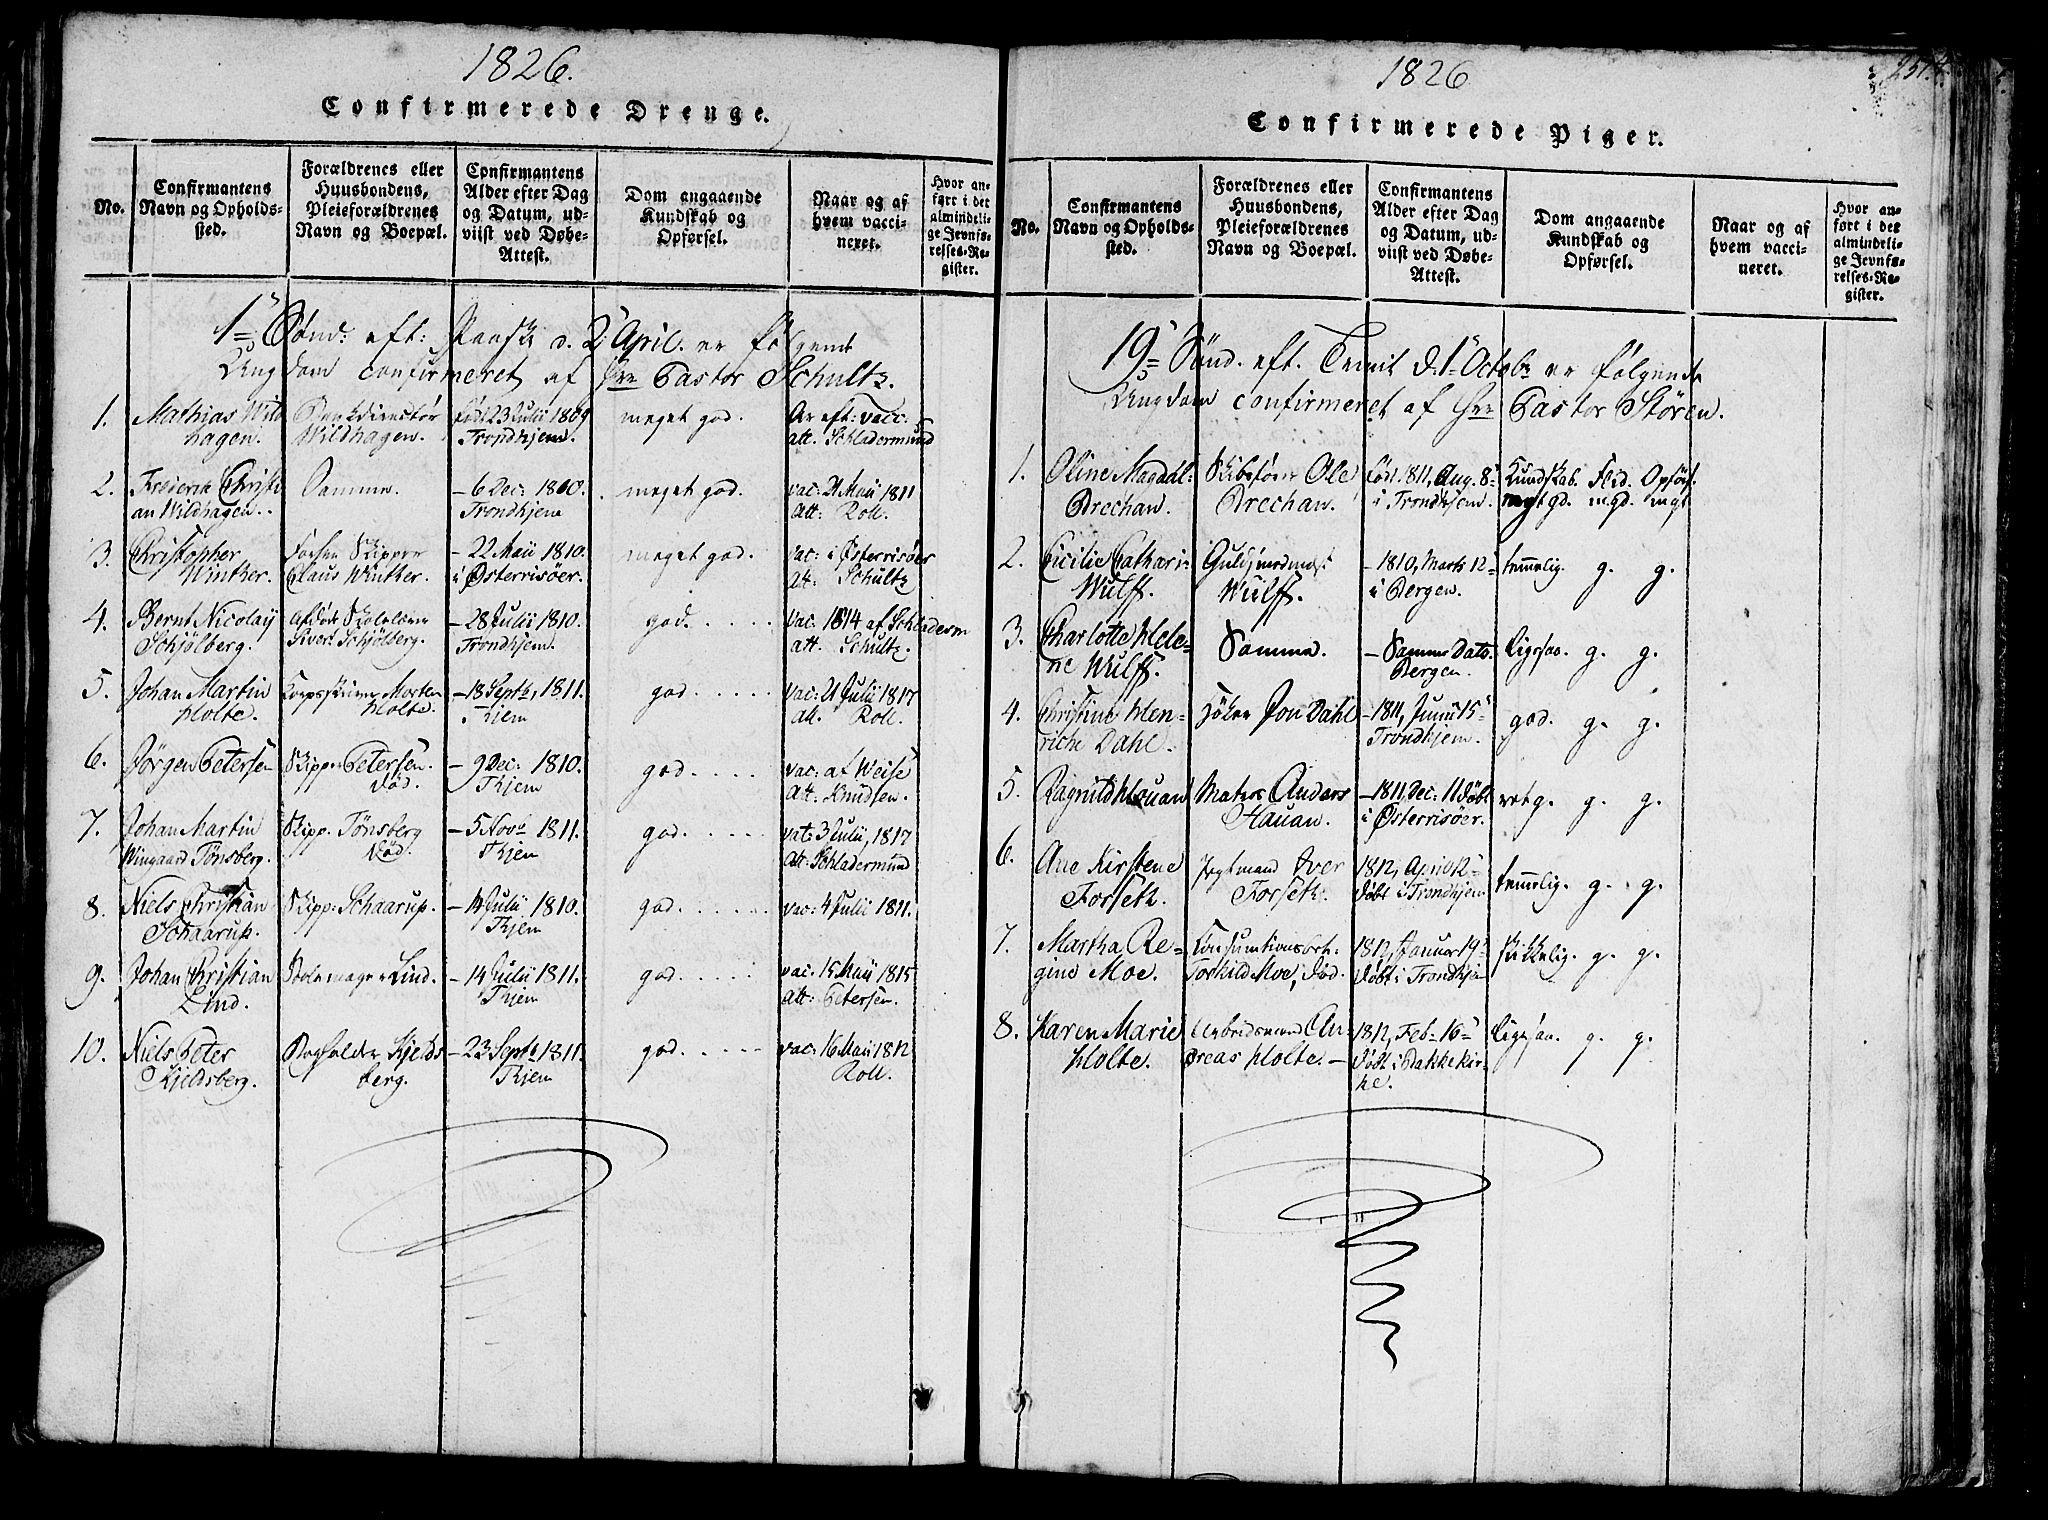 SAT, Ministerialprotokoller, klokkerbøker og fødselsregistre - Sør-Trøndelag, 602/L0135: Klokkerbok nr. 602C03, 1815-1832, s. 251